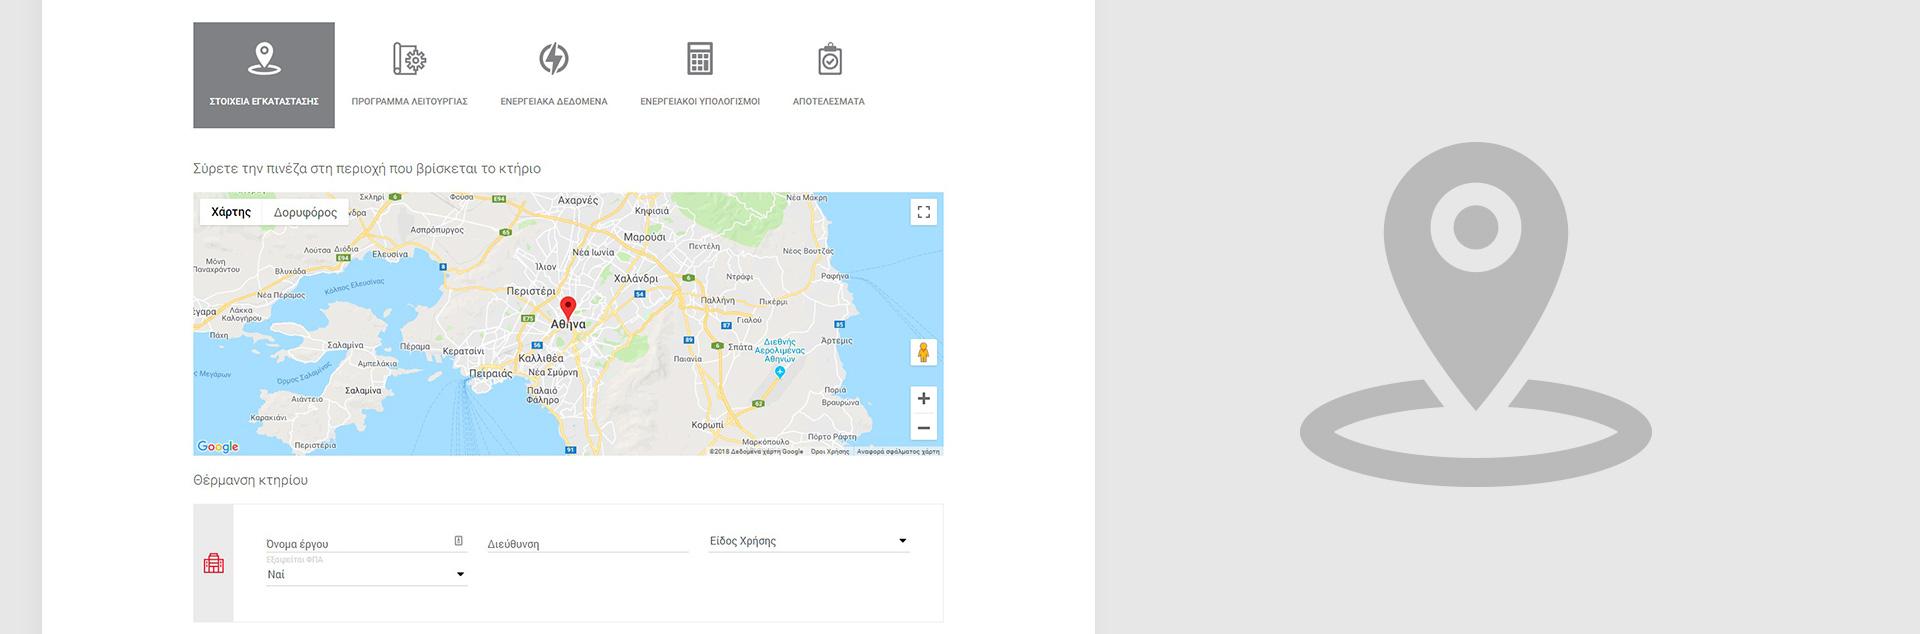 location-data-caloria